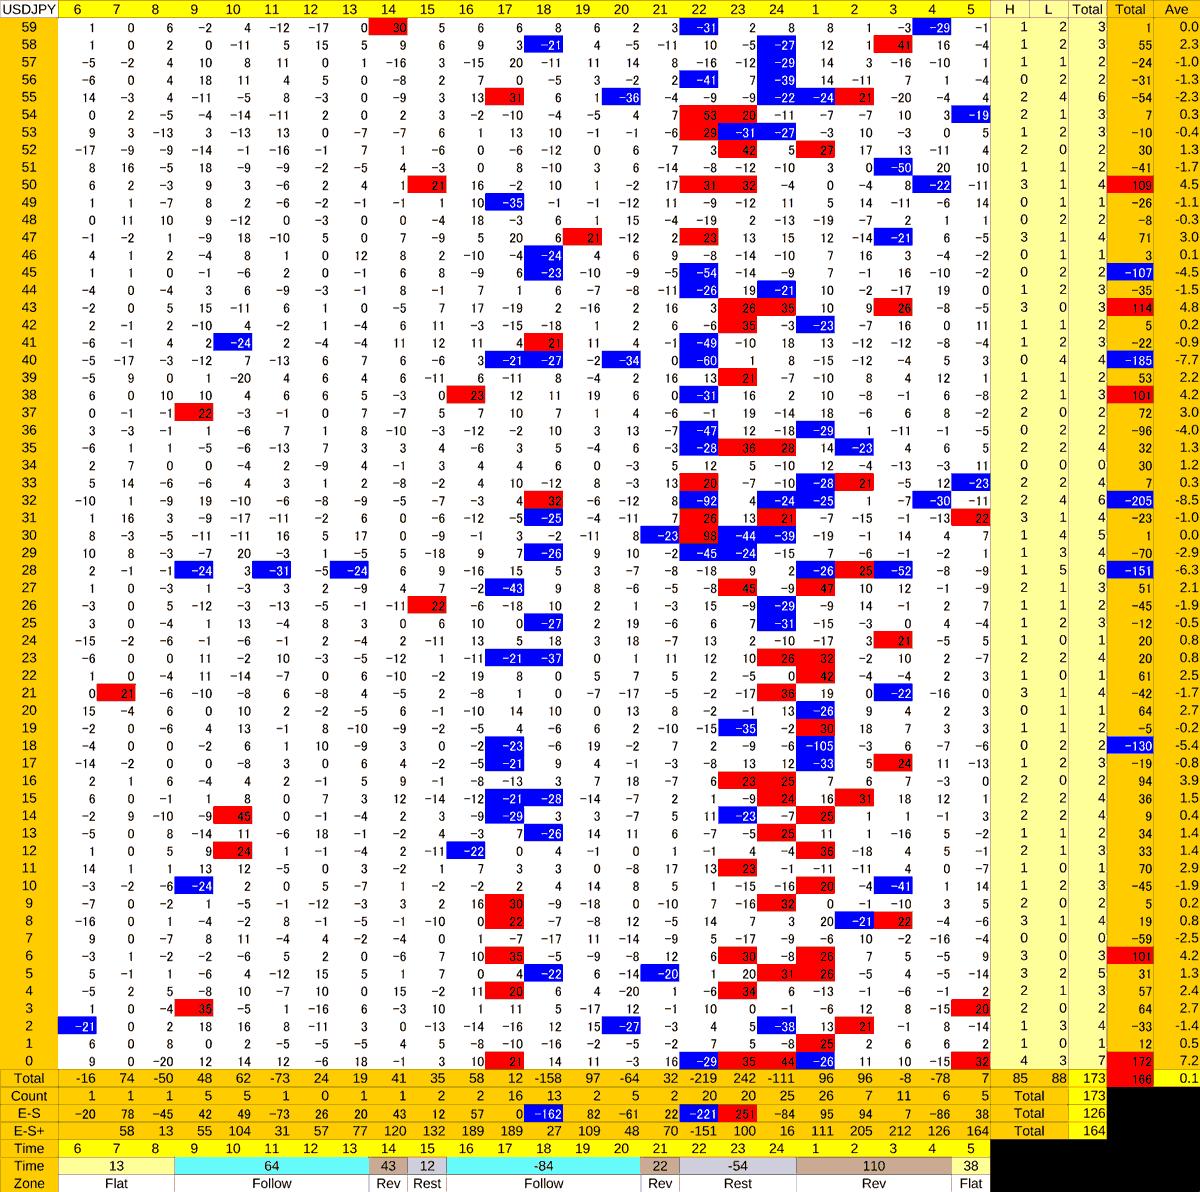 20210108_HS(1)USDJPY